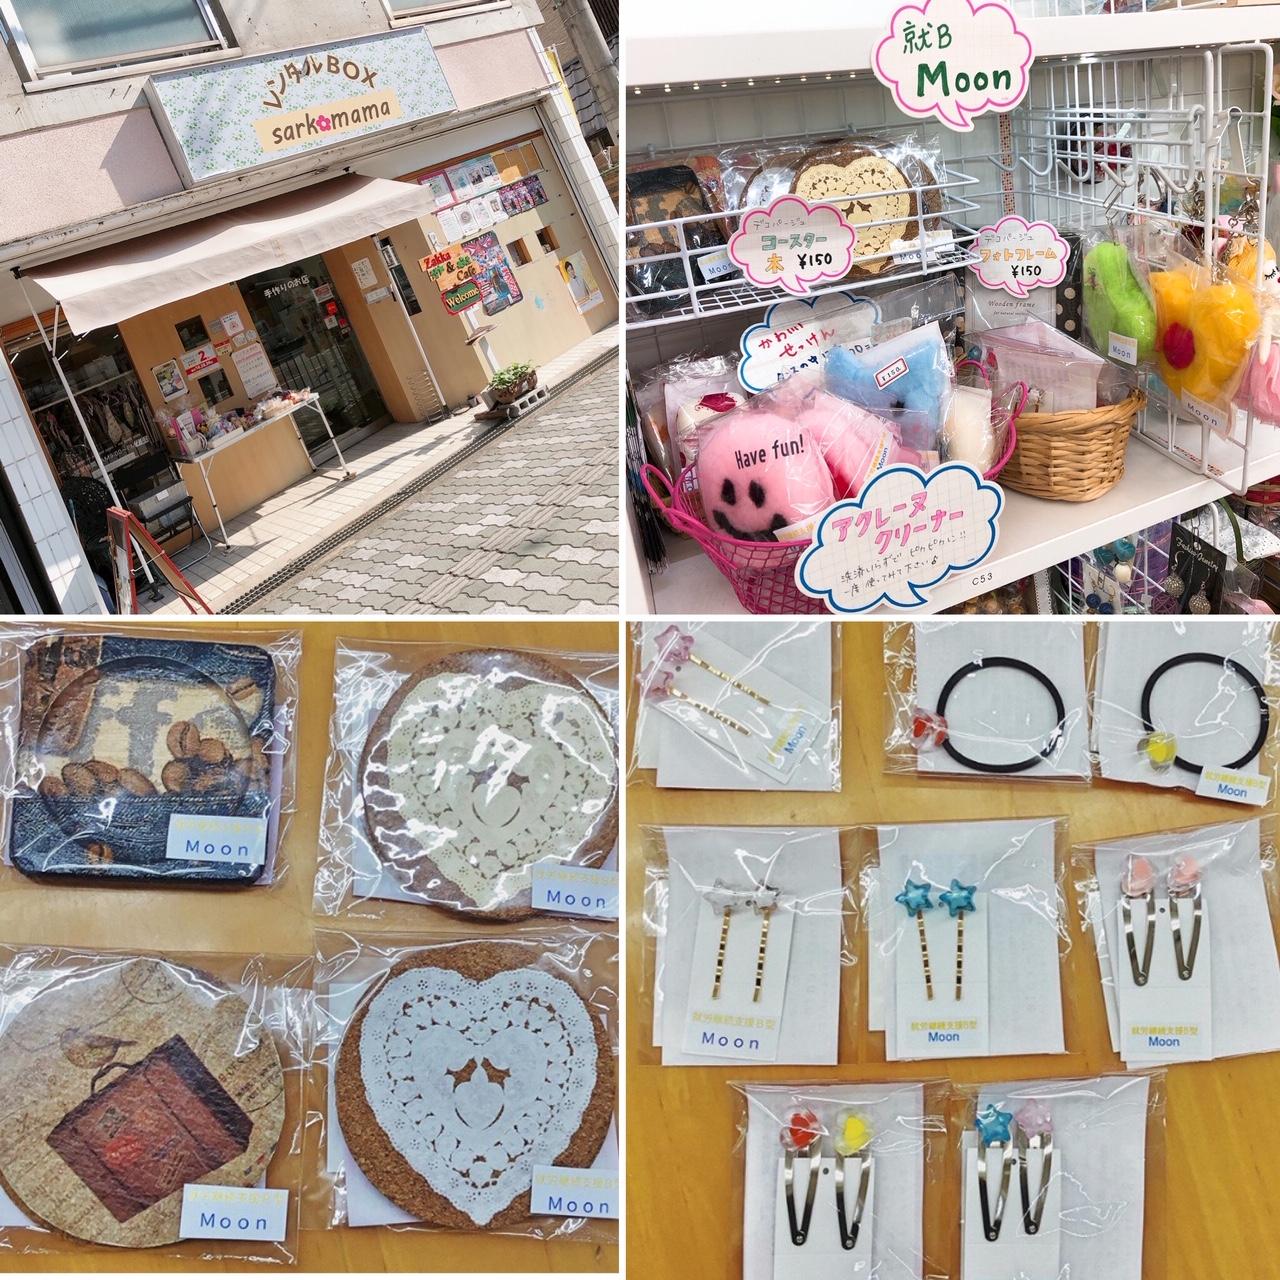 枚方市宮之阪のレンタルBOX surkomamaさんにて就労継続支援B型Moonの商品を販売しています‼️